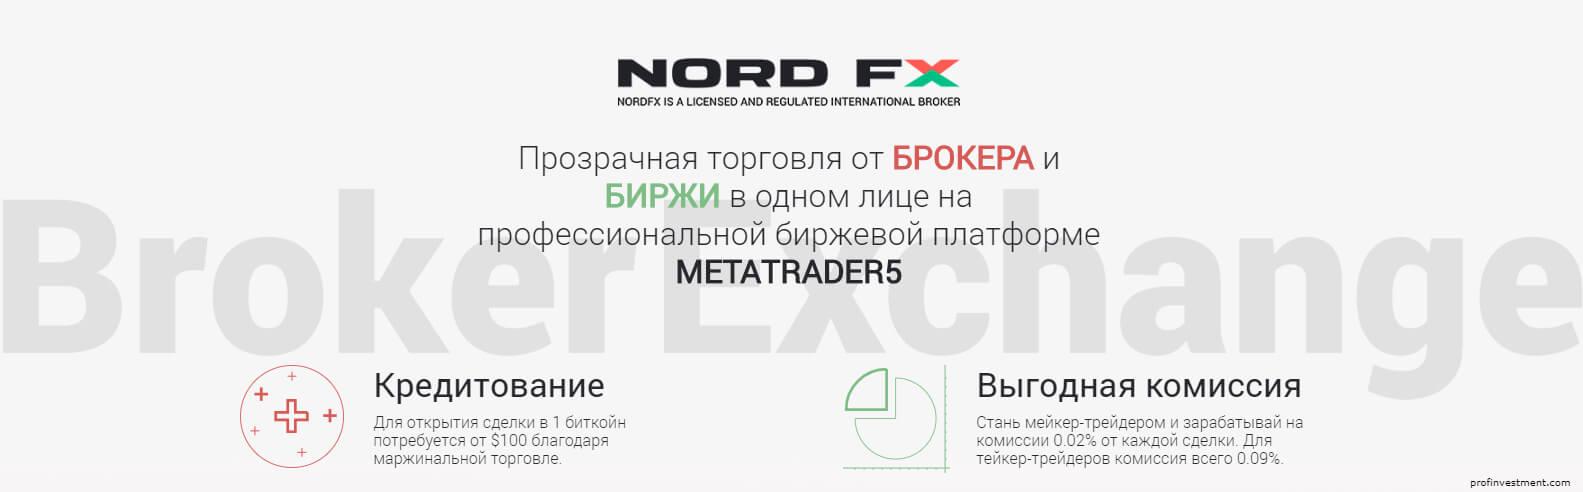 брокер NordFX